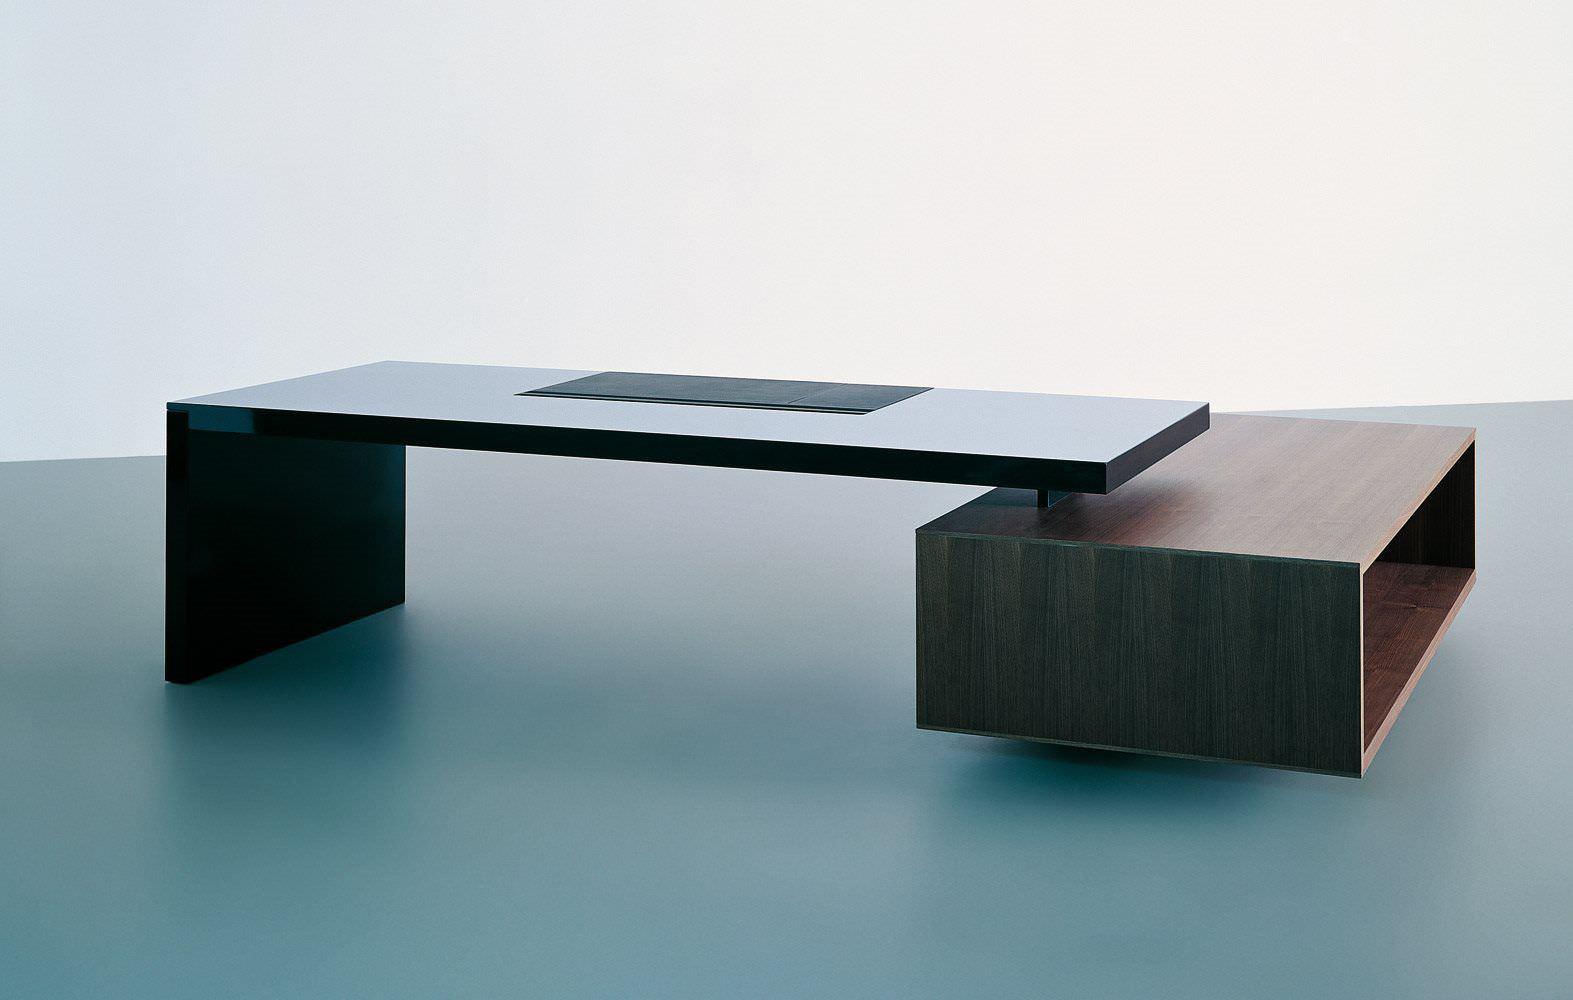 Schreibtisch büro modern  Chefschreibtisch / Holz / Glas / modern - ASYMMETRICAL - TECNO